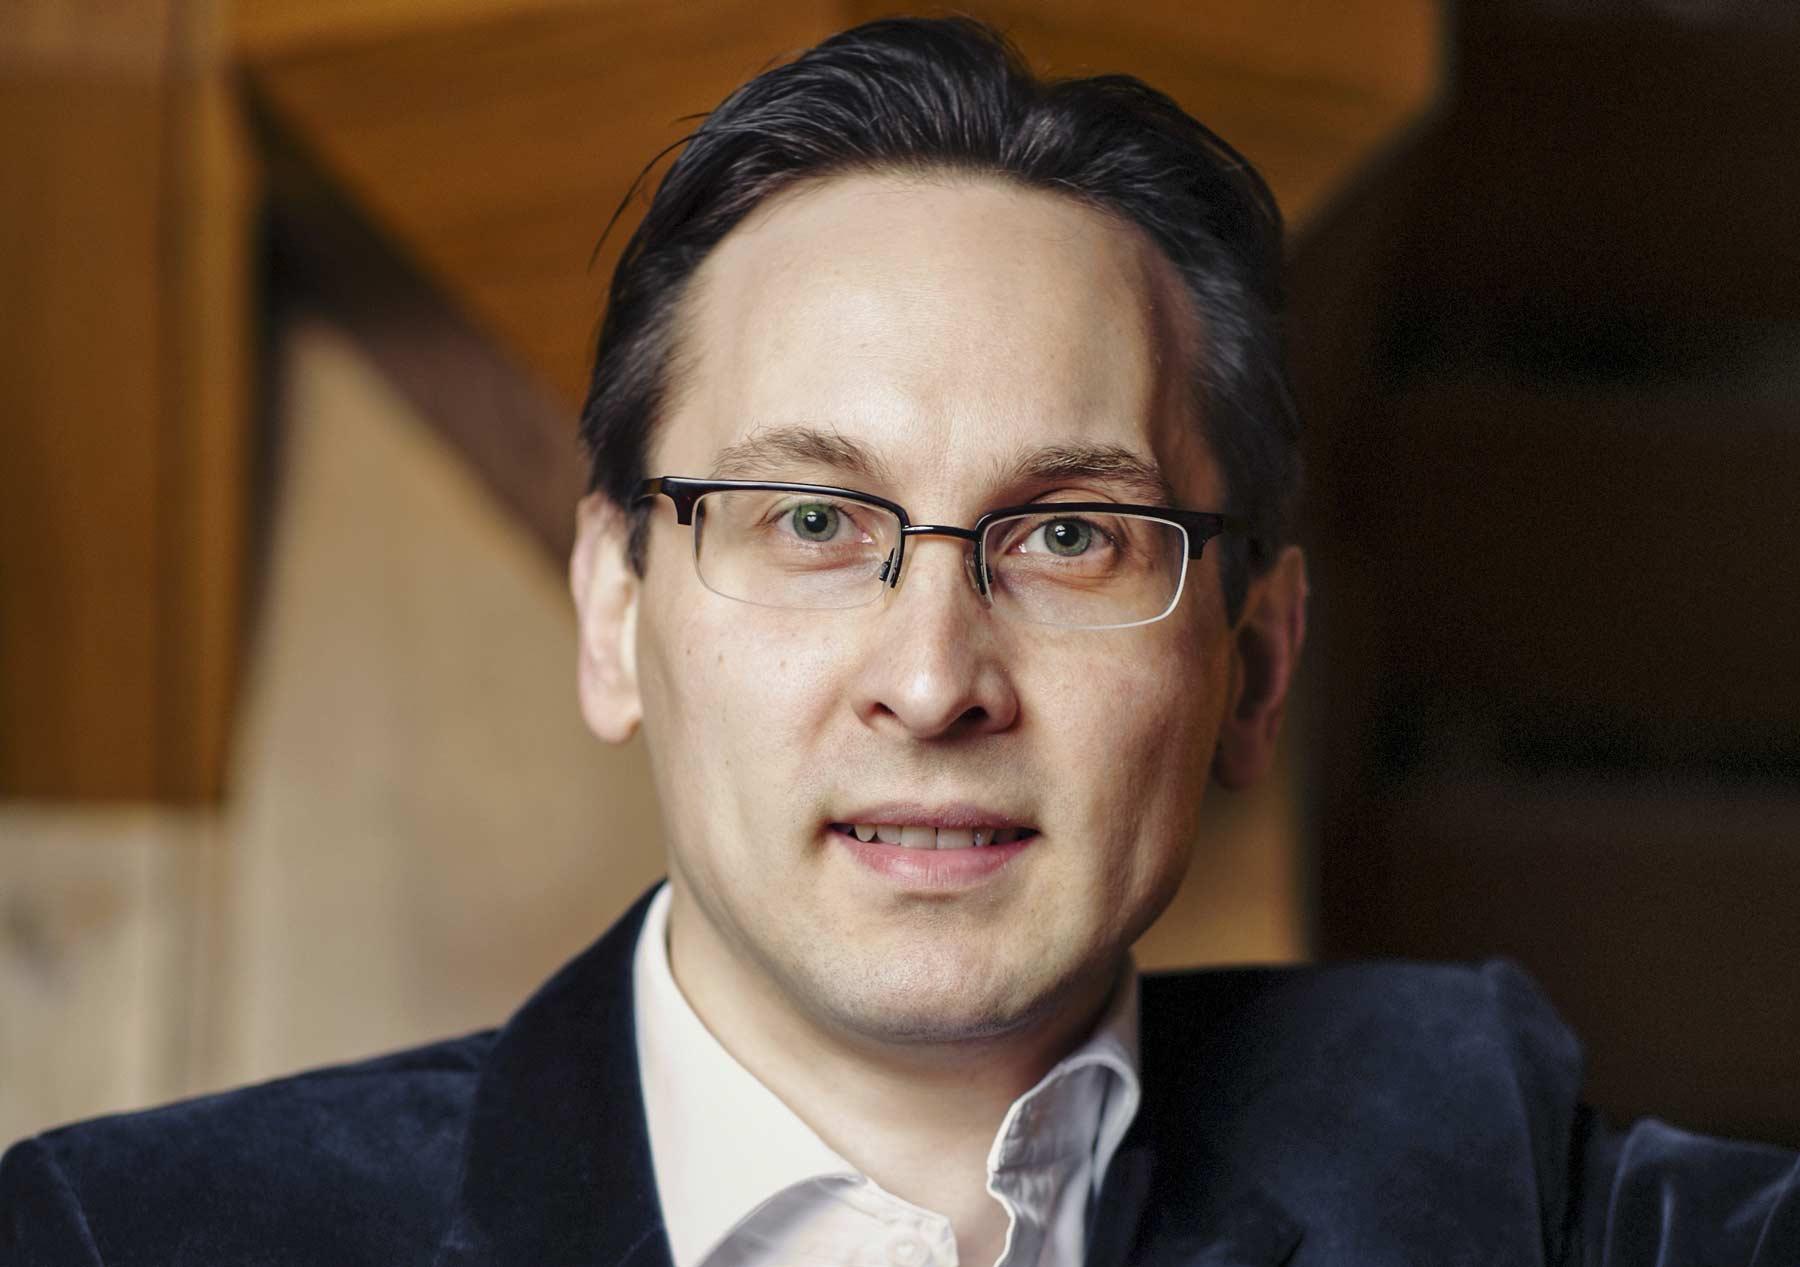 Tobias Aehlig